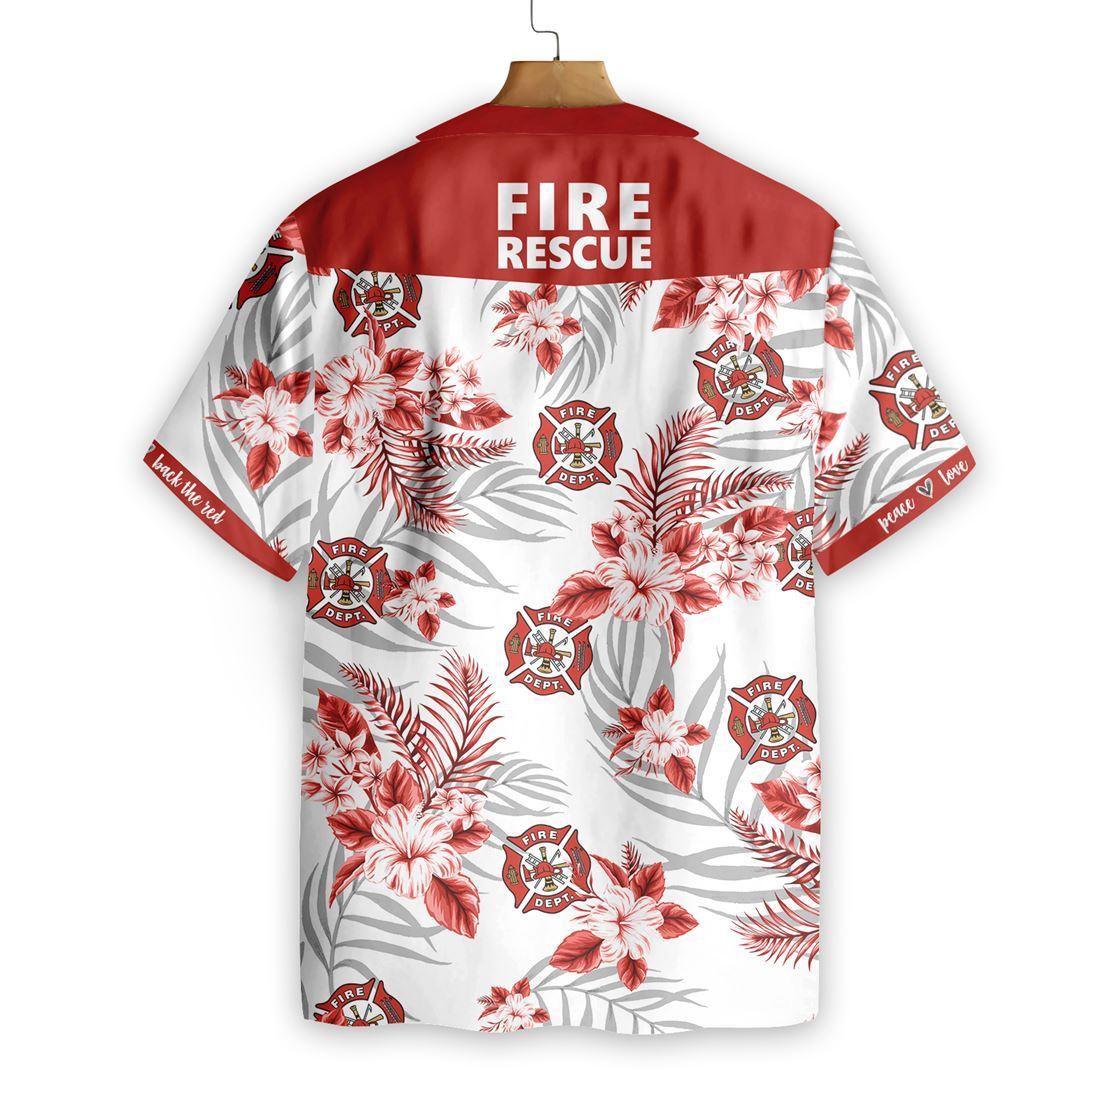 Firefighter Fire Rescue Hawaiian Shirt1